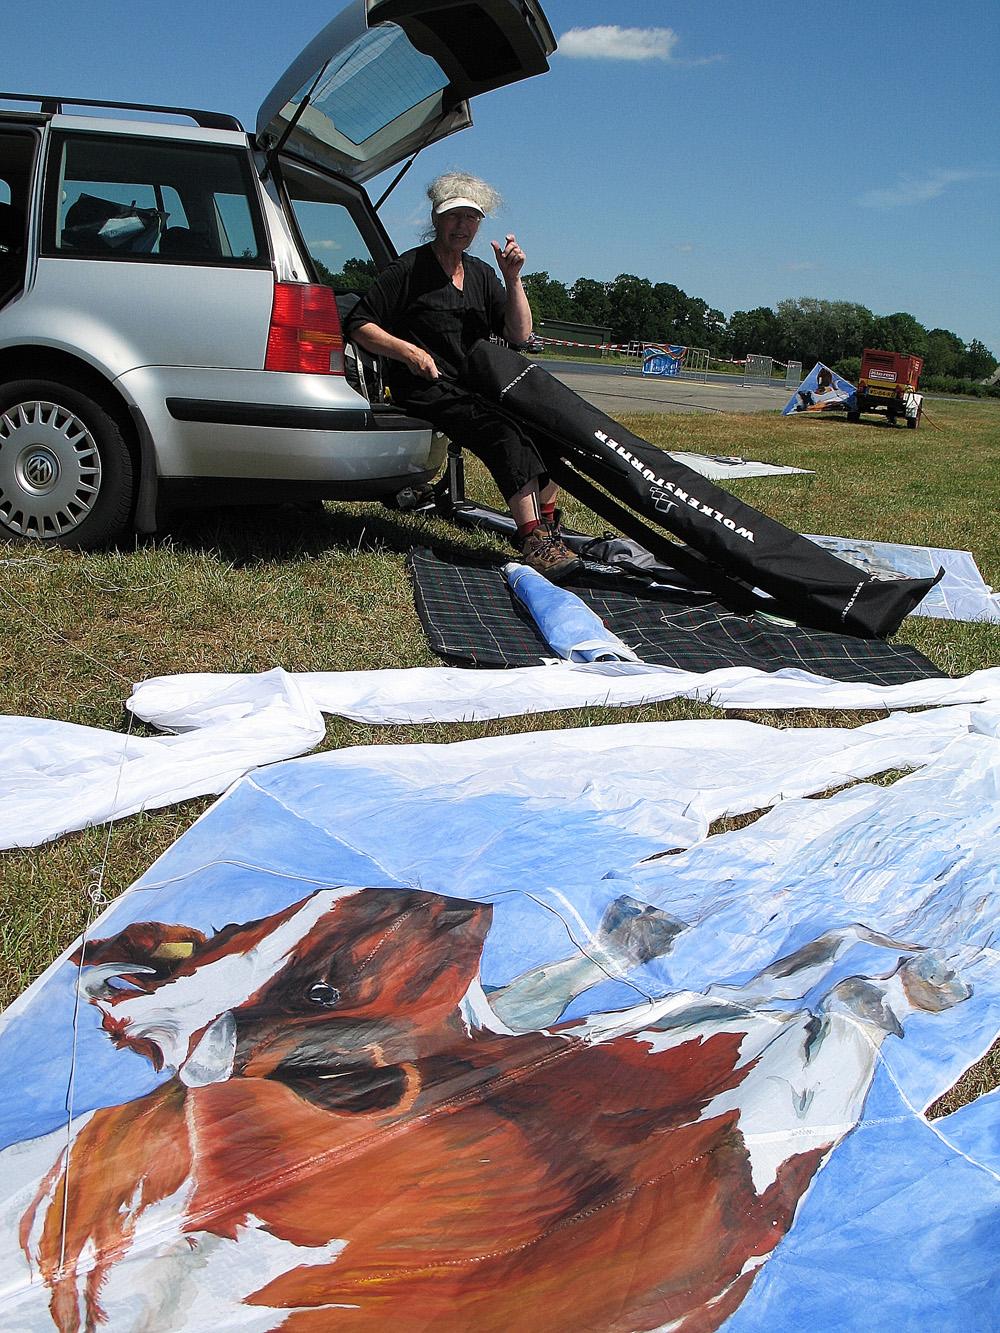 Drachten_Vliegerfestival_jeltje met koeien